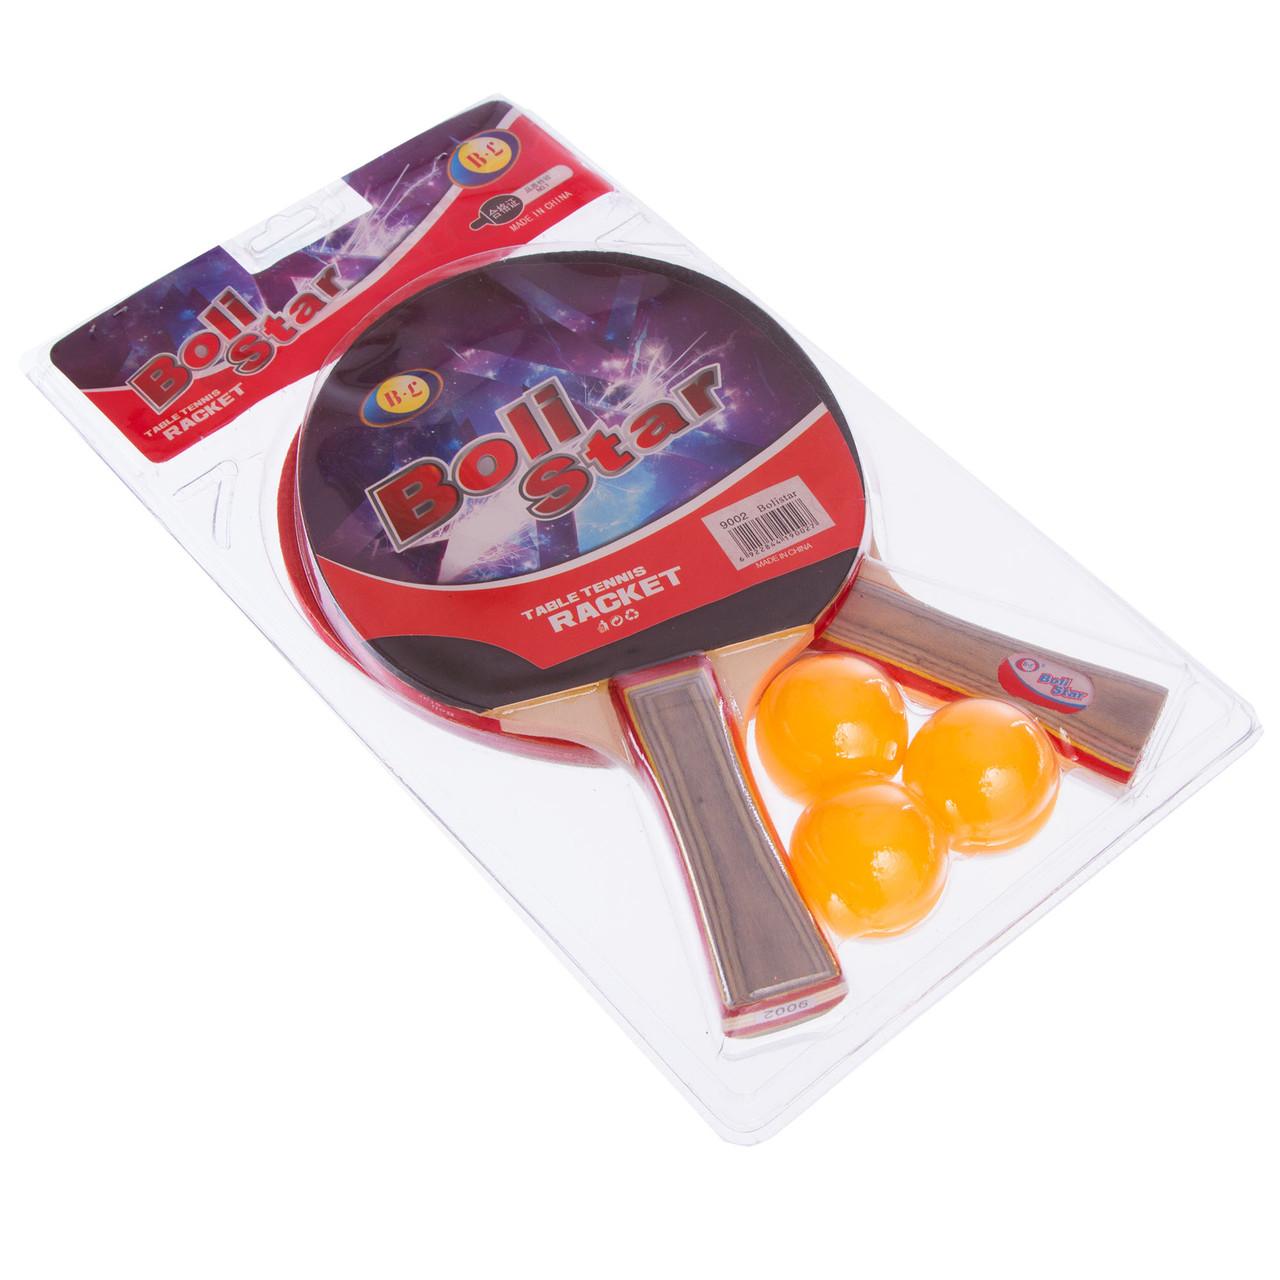 Набор для настольного тенниса 2 ракетки, 3 мяча Boli Star MT-9002 Replika